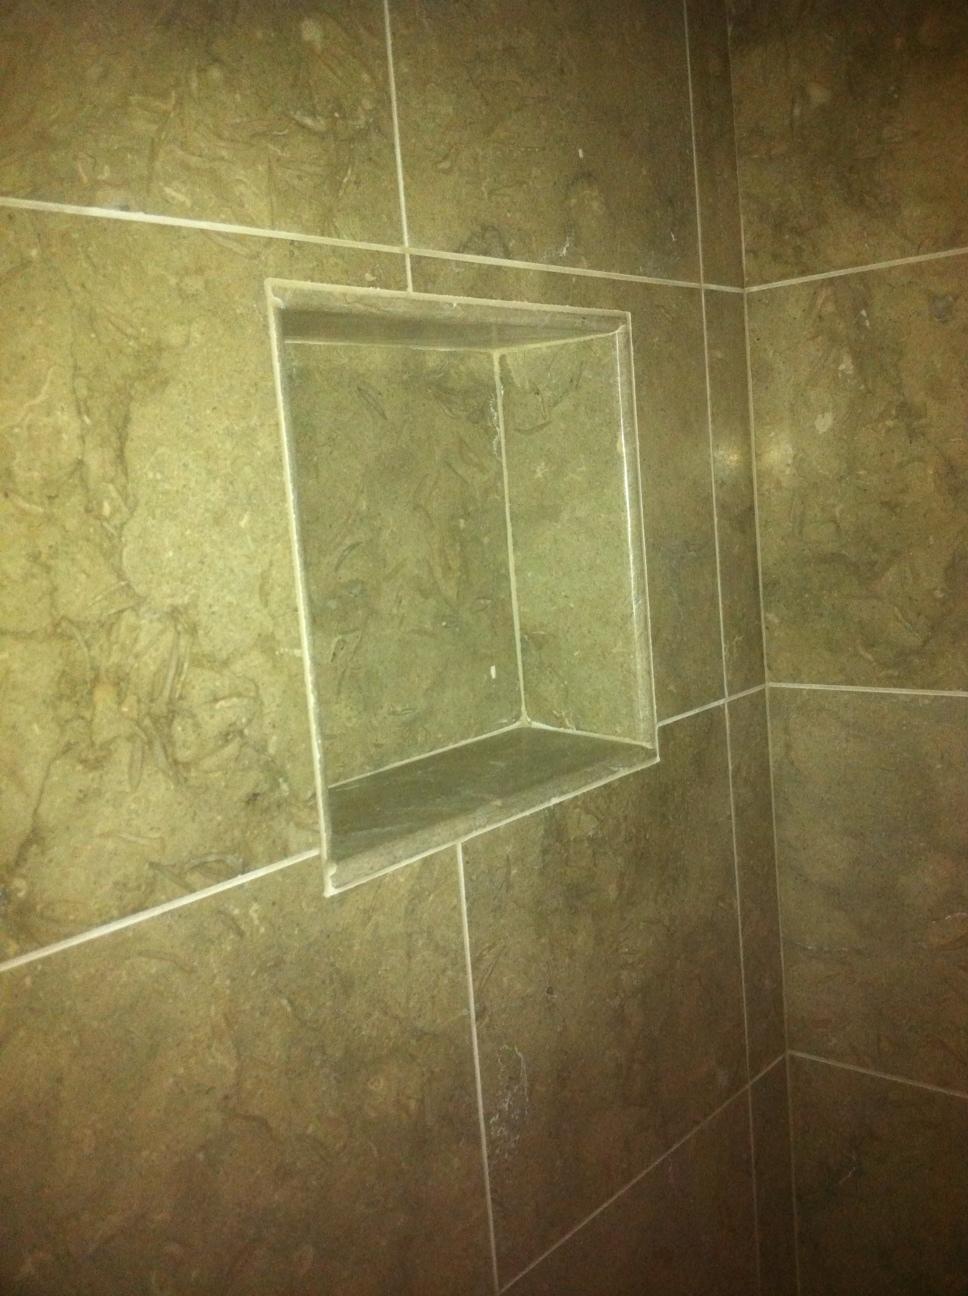 Shower Niche #2